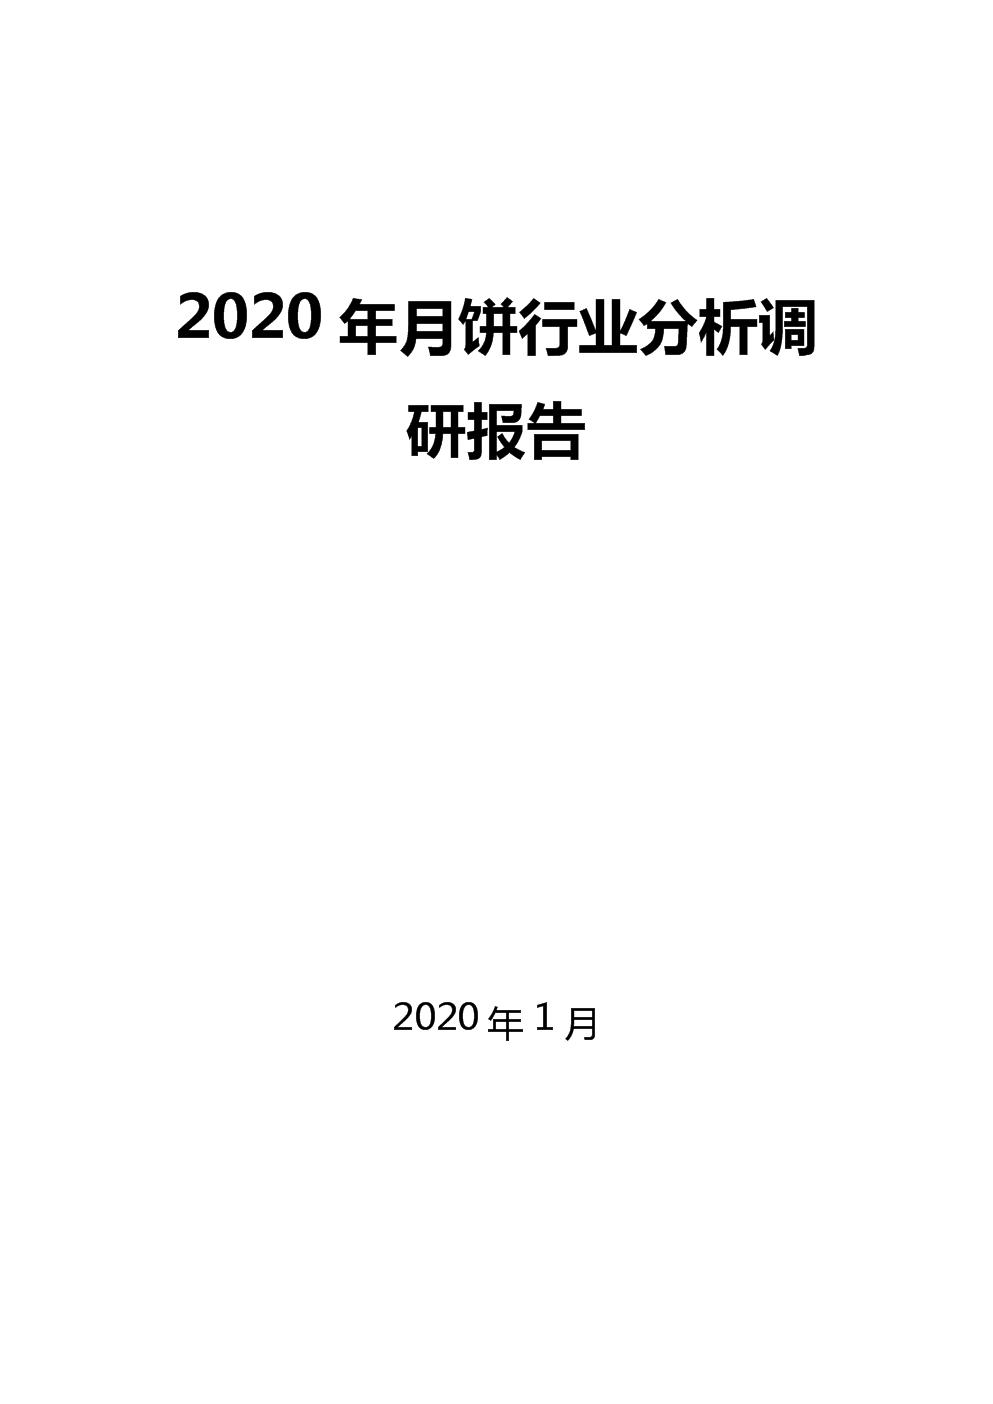 2020月饼行业分析调研报告.docx